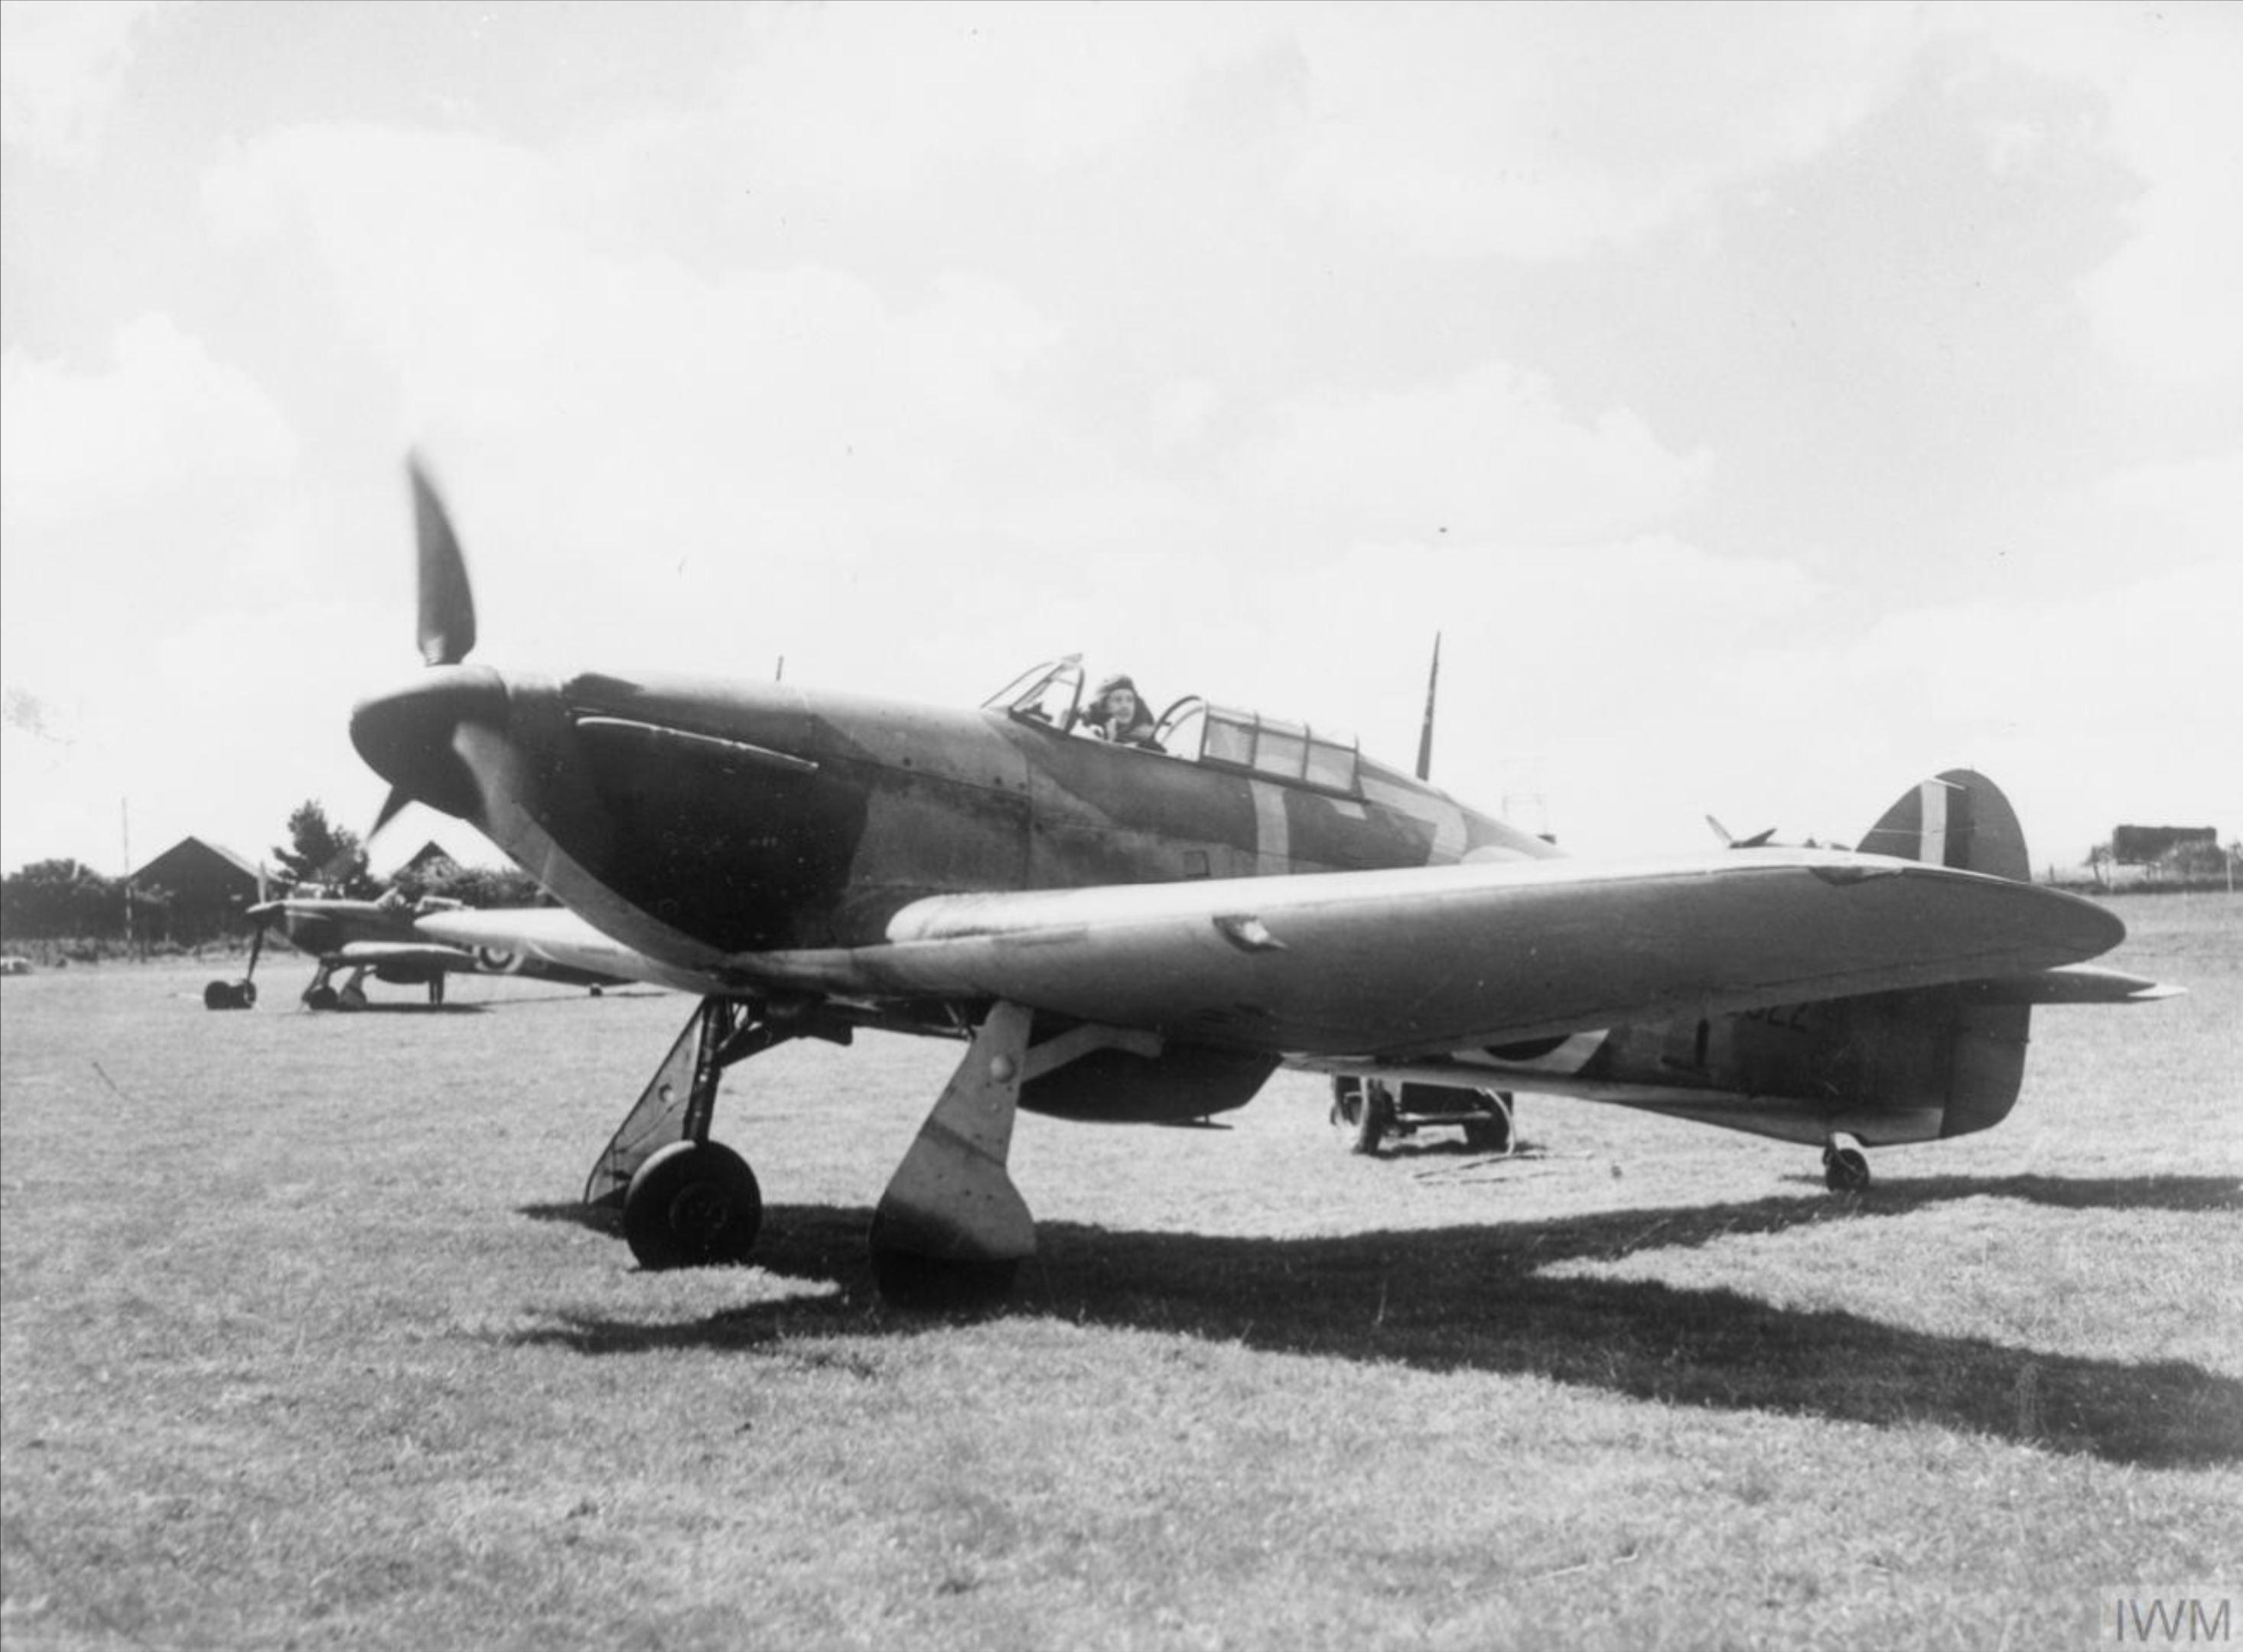 Hurricane I RAF 32Sqn GZV Rupert Smythe P3522 at Hawkinge 29 July 1940 IWM HU54417